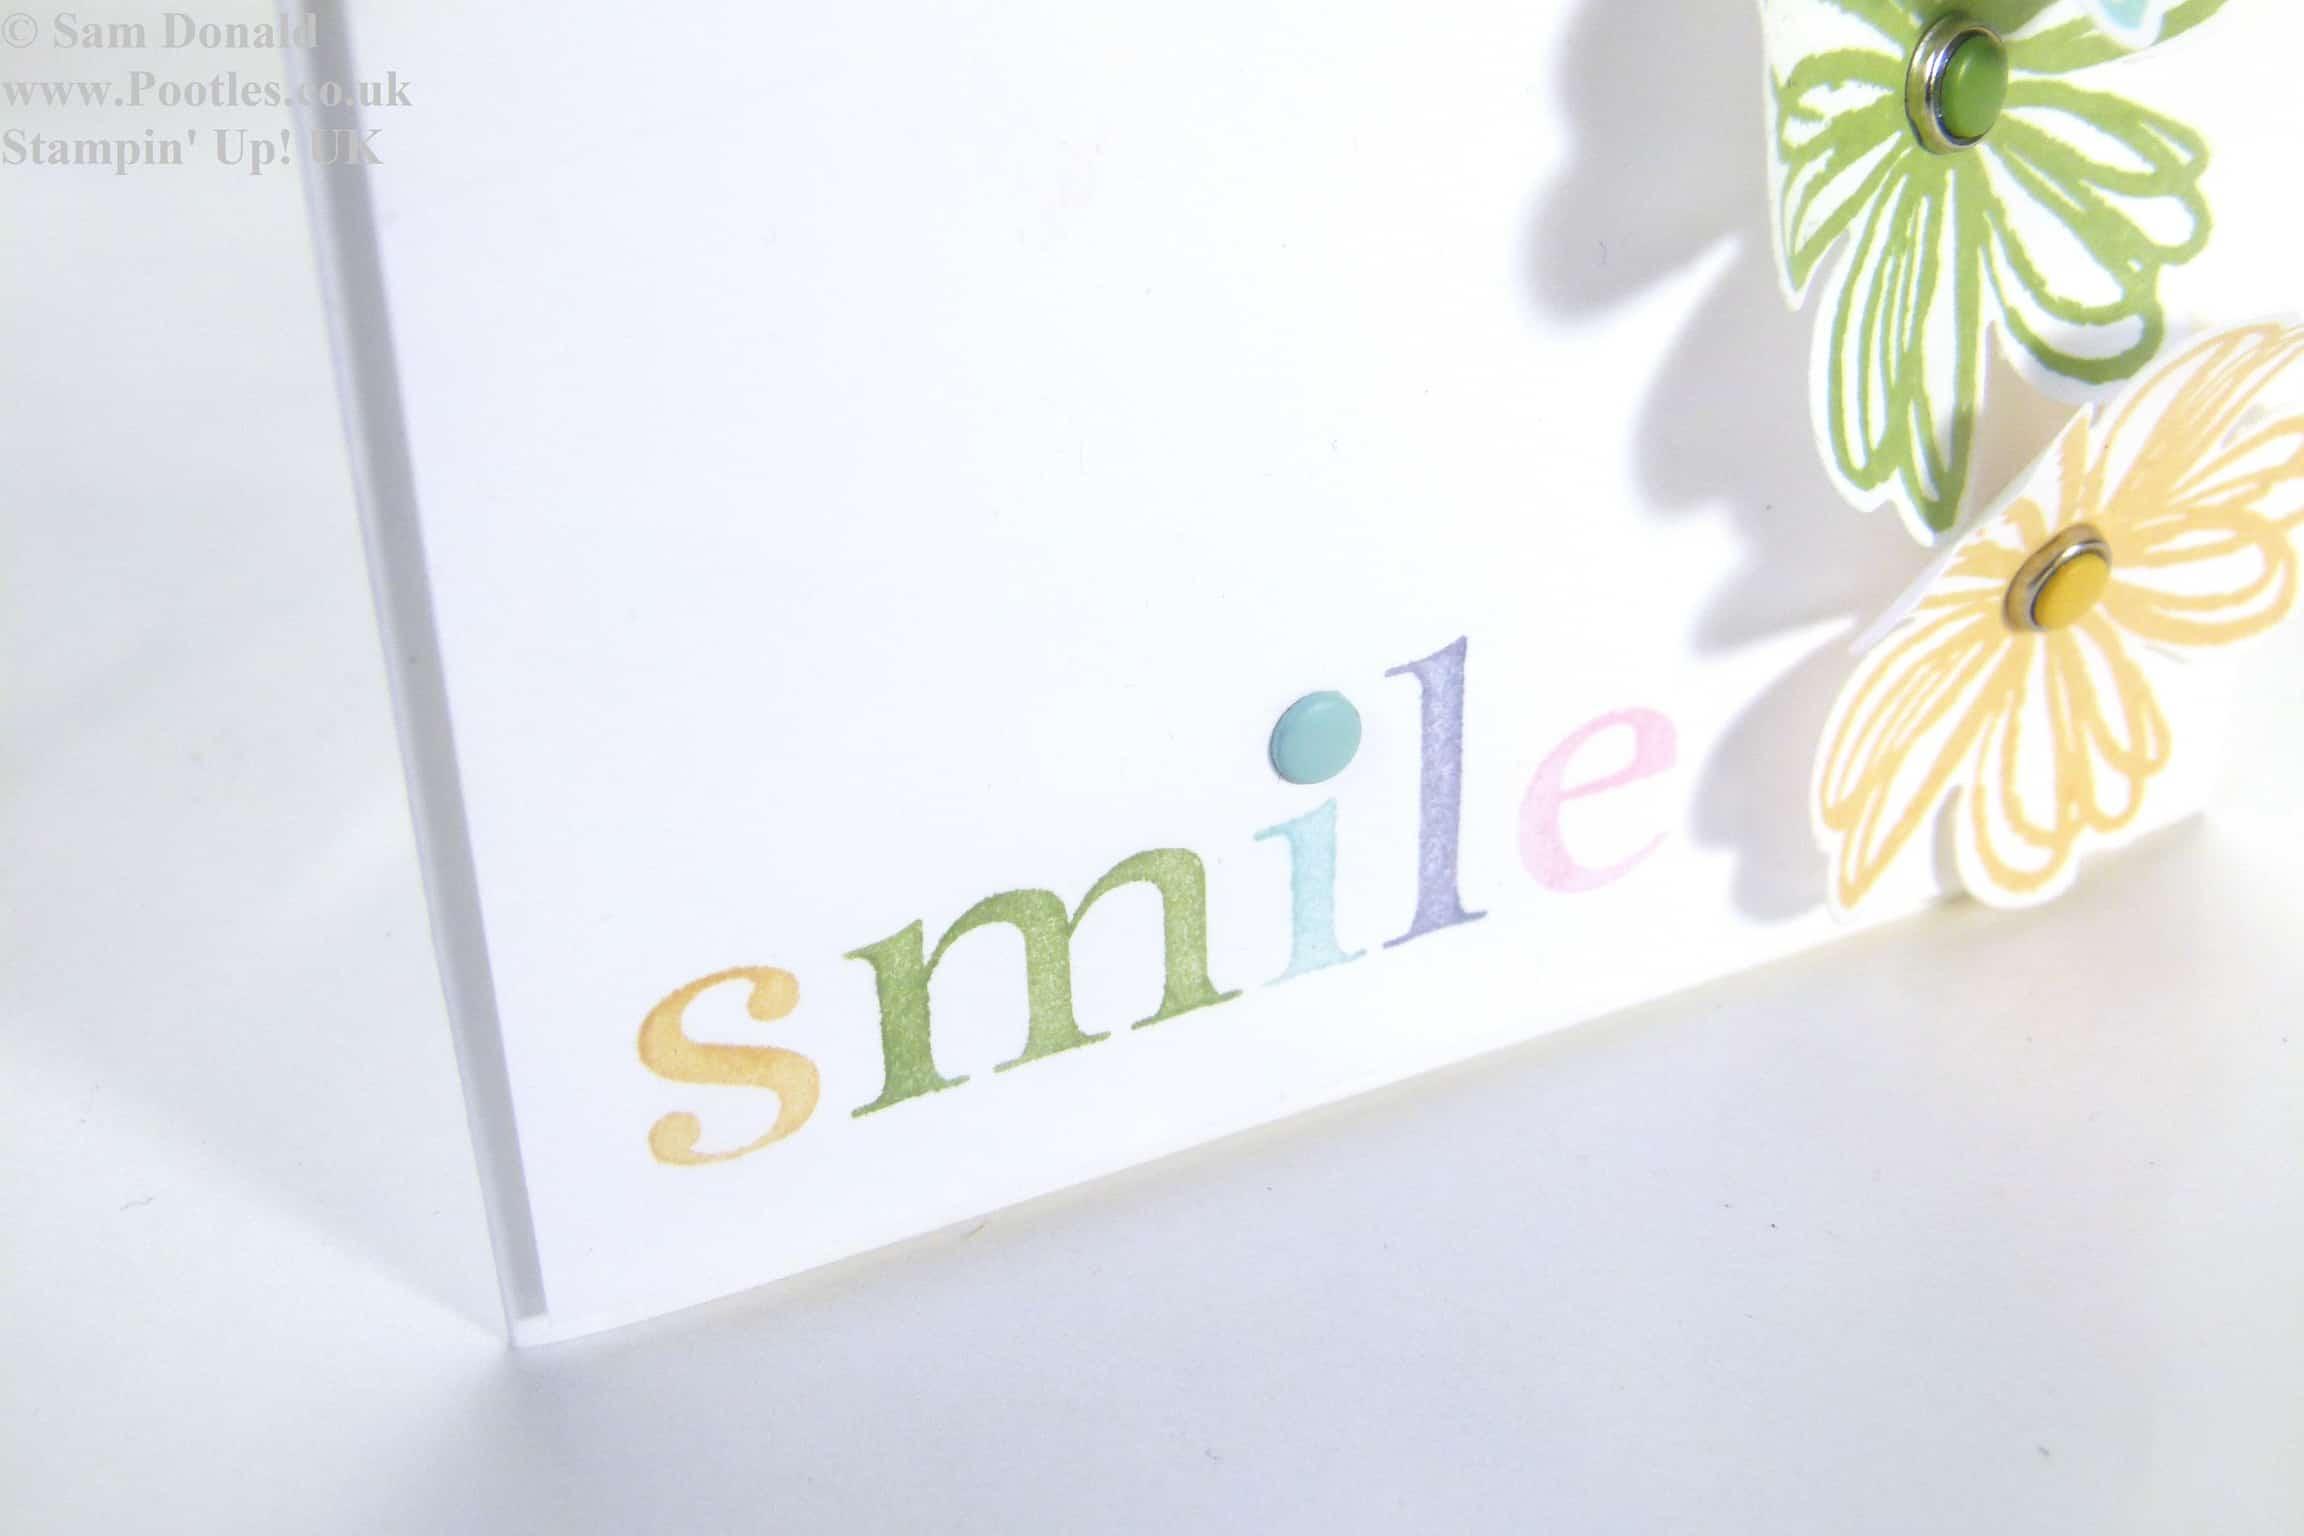 POOTLES Stampin Up UK Subtle Smile 2